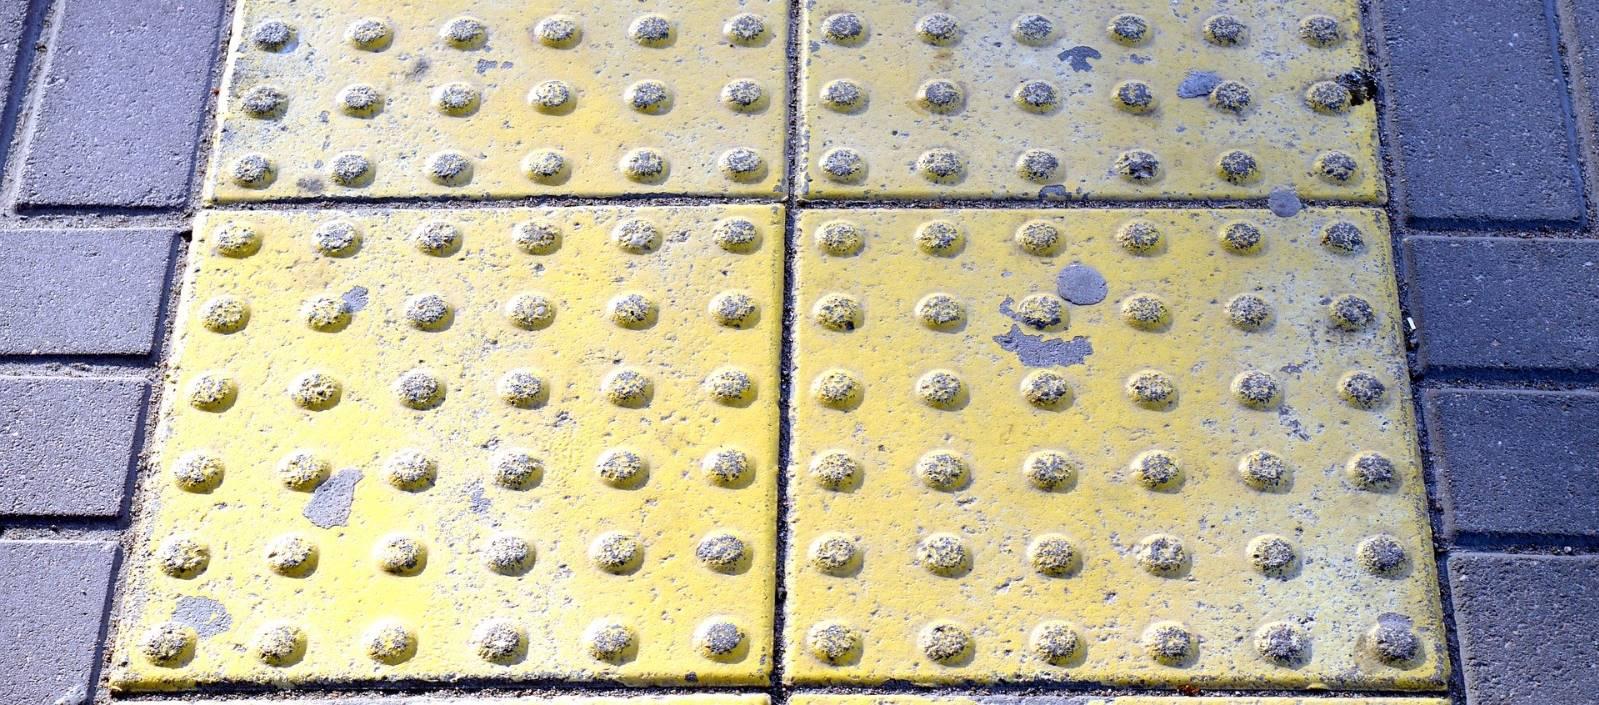 Señalización accesibilidad en la acera de la calle